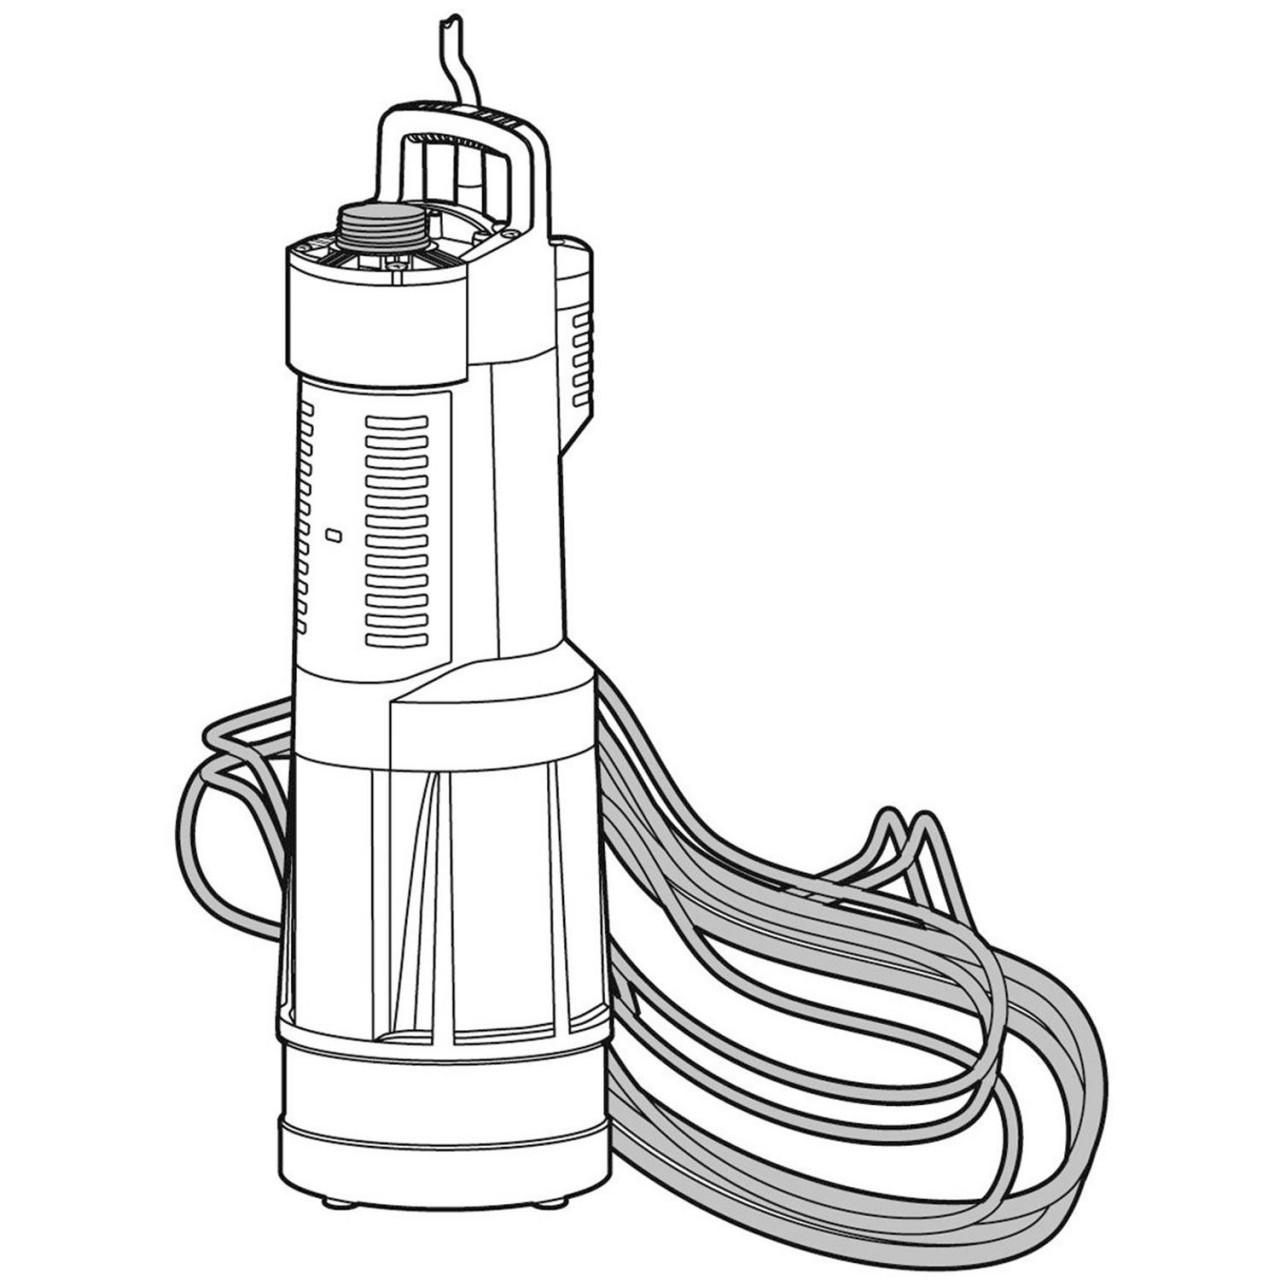 Gardena Tauch-Druckpumpe 6000/5 1476-20 Pumpe automatisch Gartenbewässerung